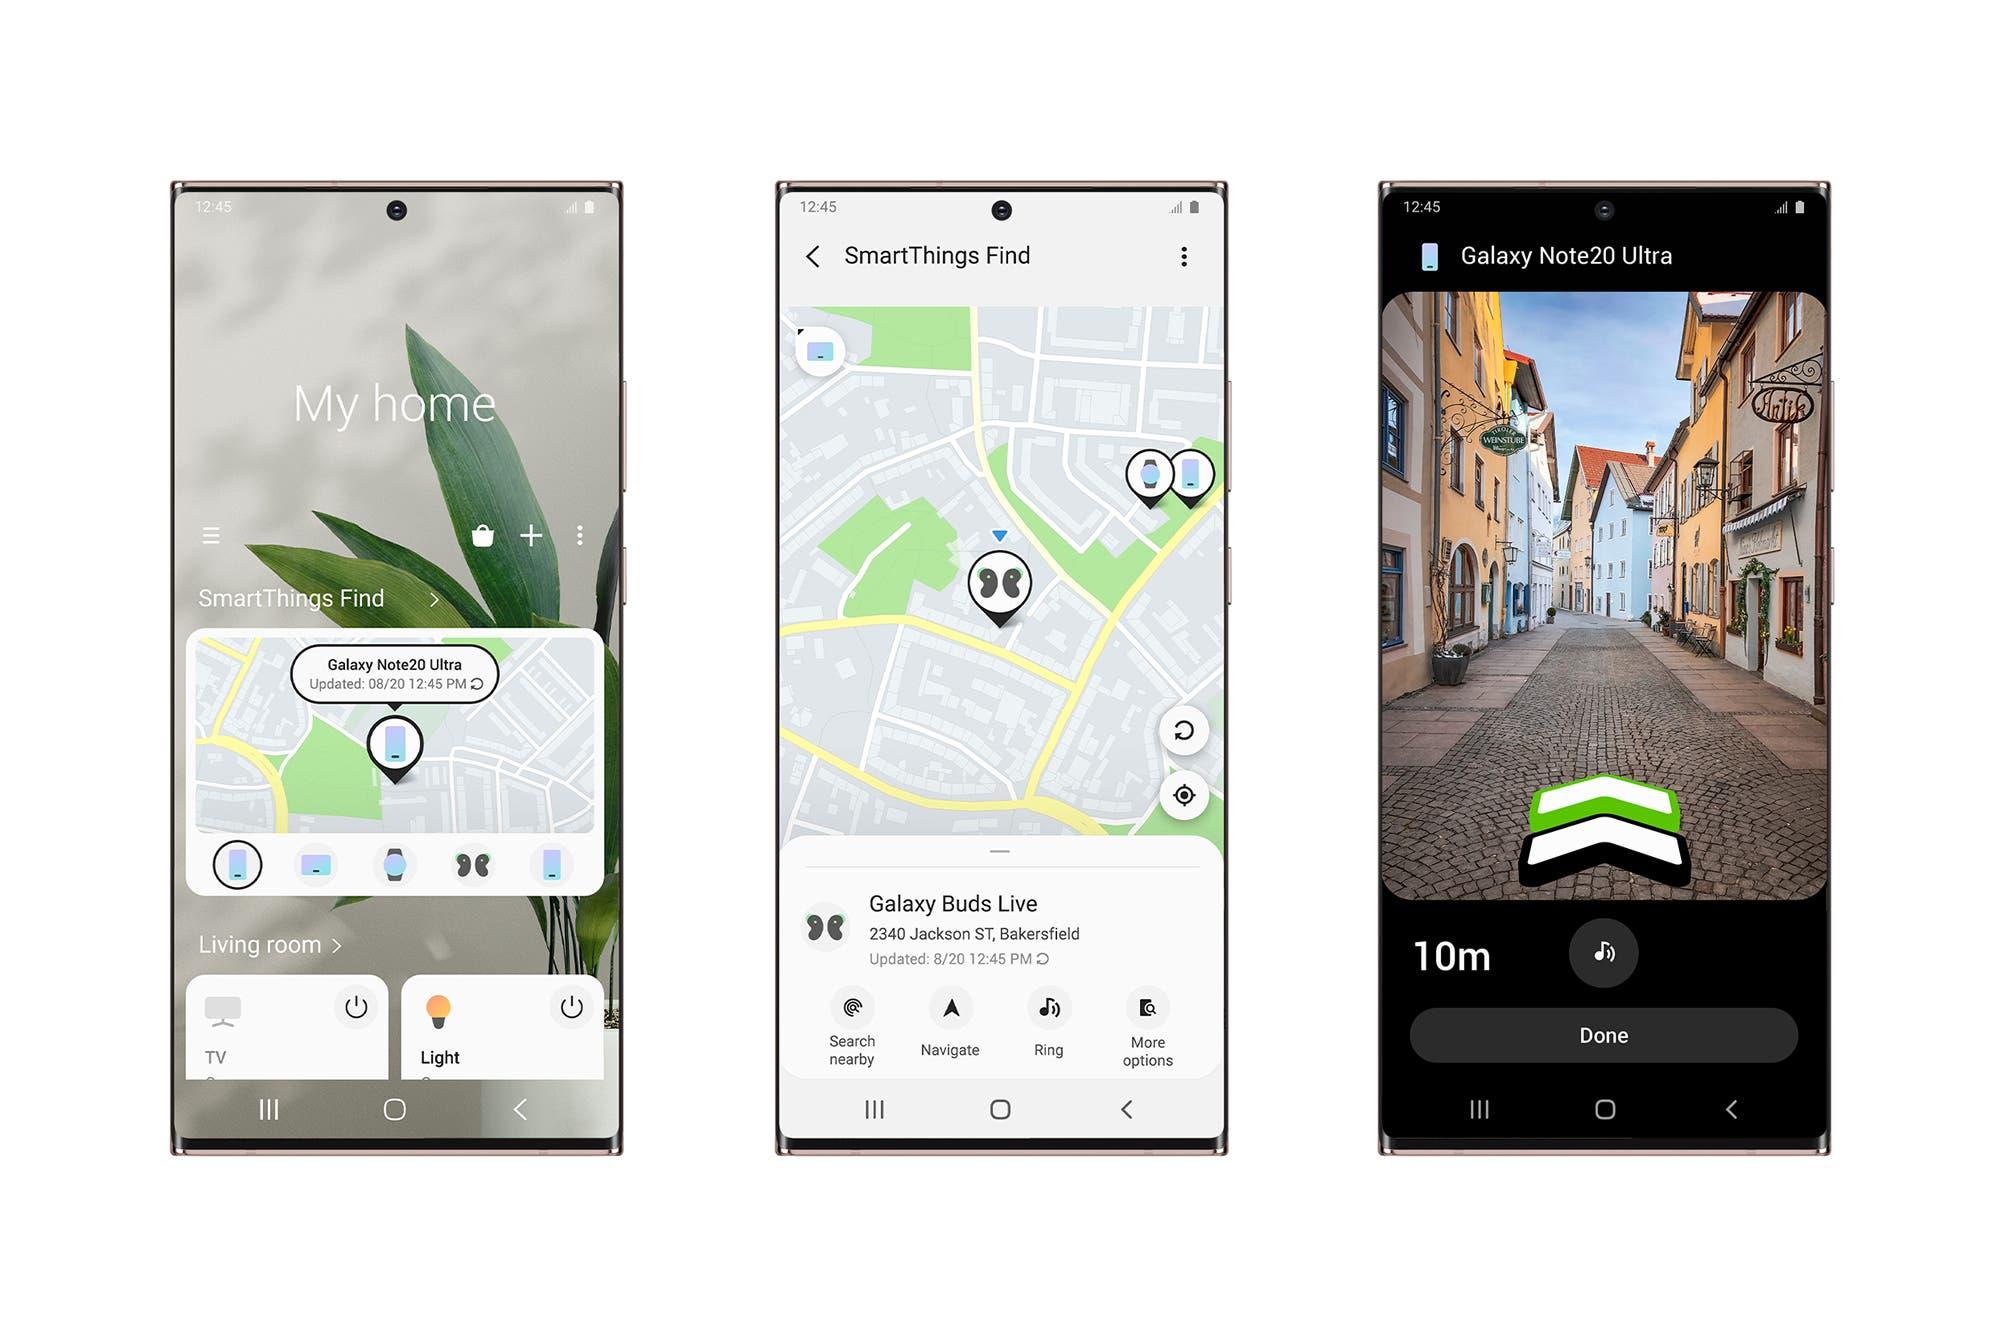 SmartThings Find: Samsung lanza su app para encontrar dispositivos Galaxy con Bluetooth de baja energía y banda ultraancha